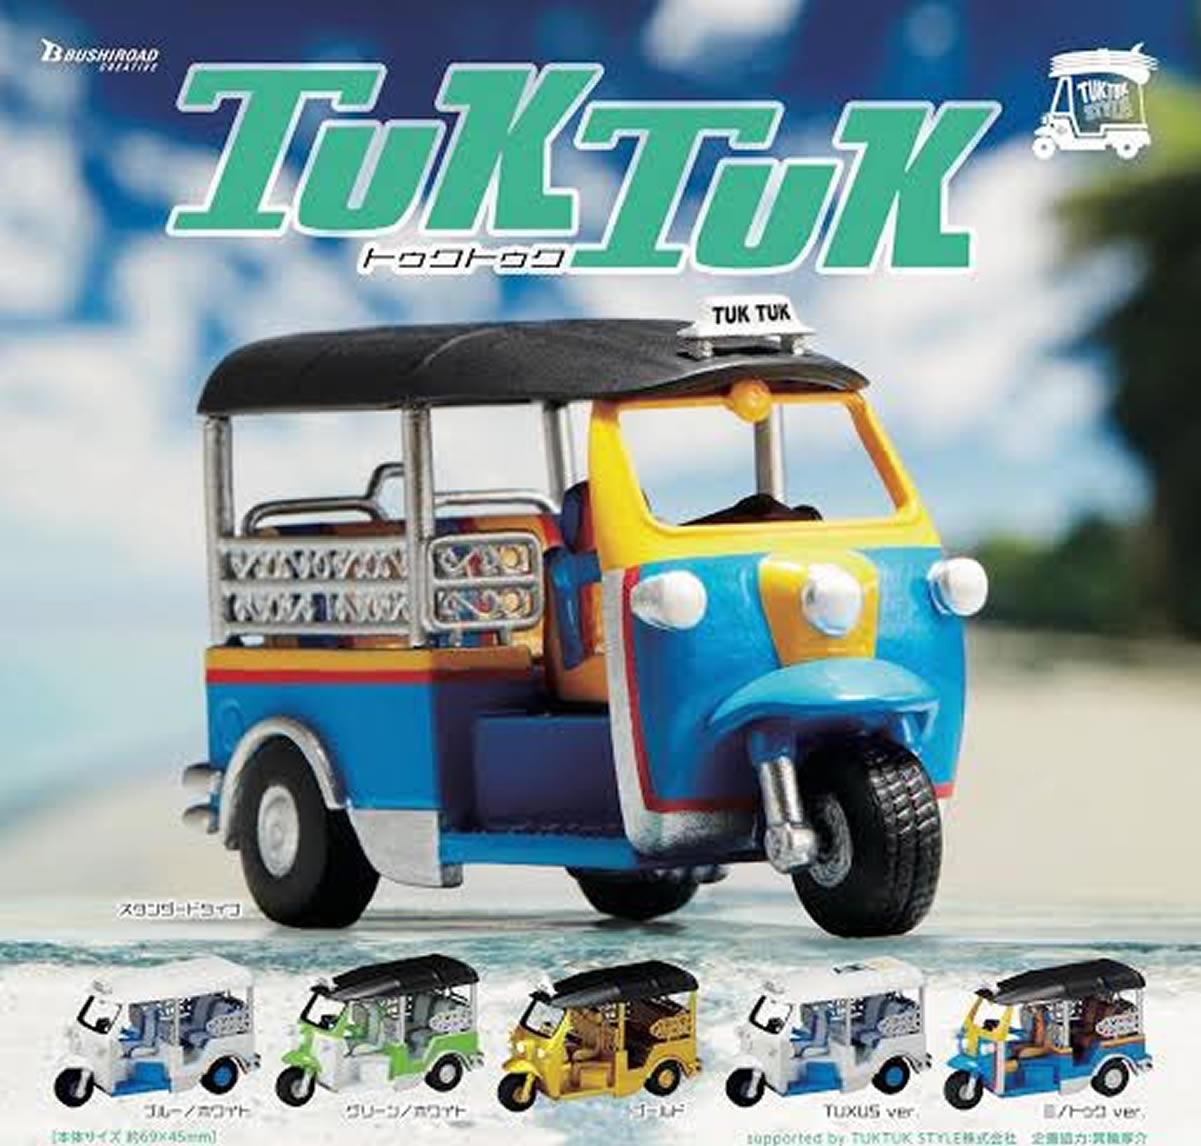 タイの「トゥクトゥク」のミニチュアフィギュアがカプセルトイで新発売